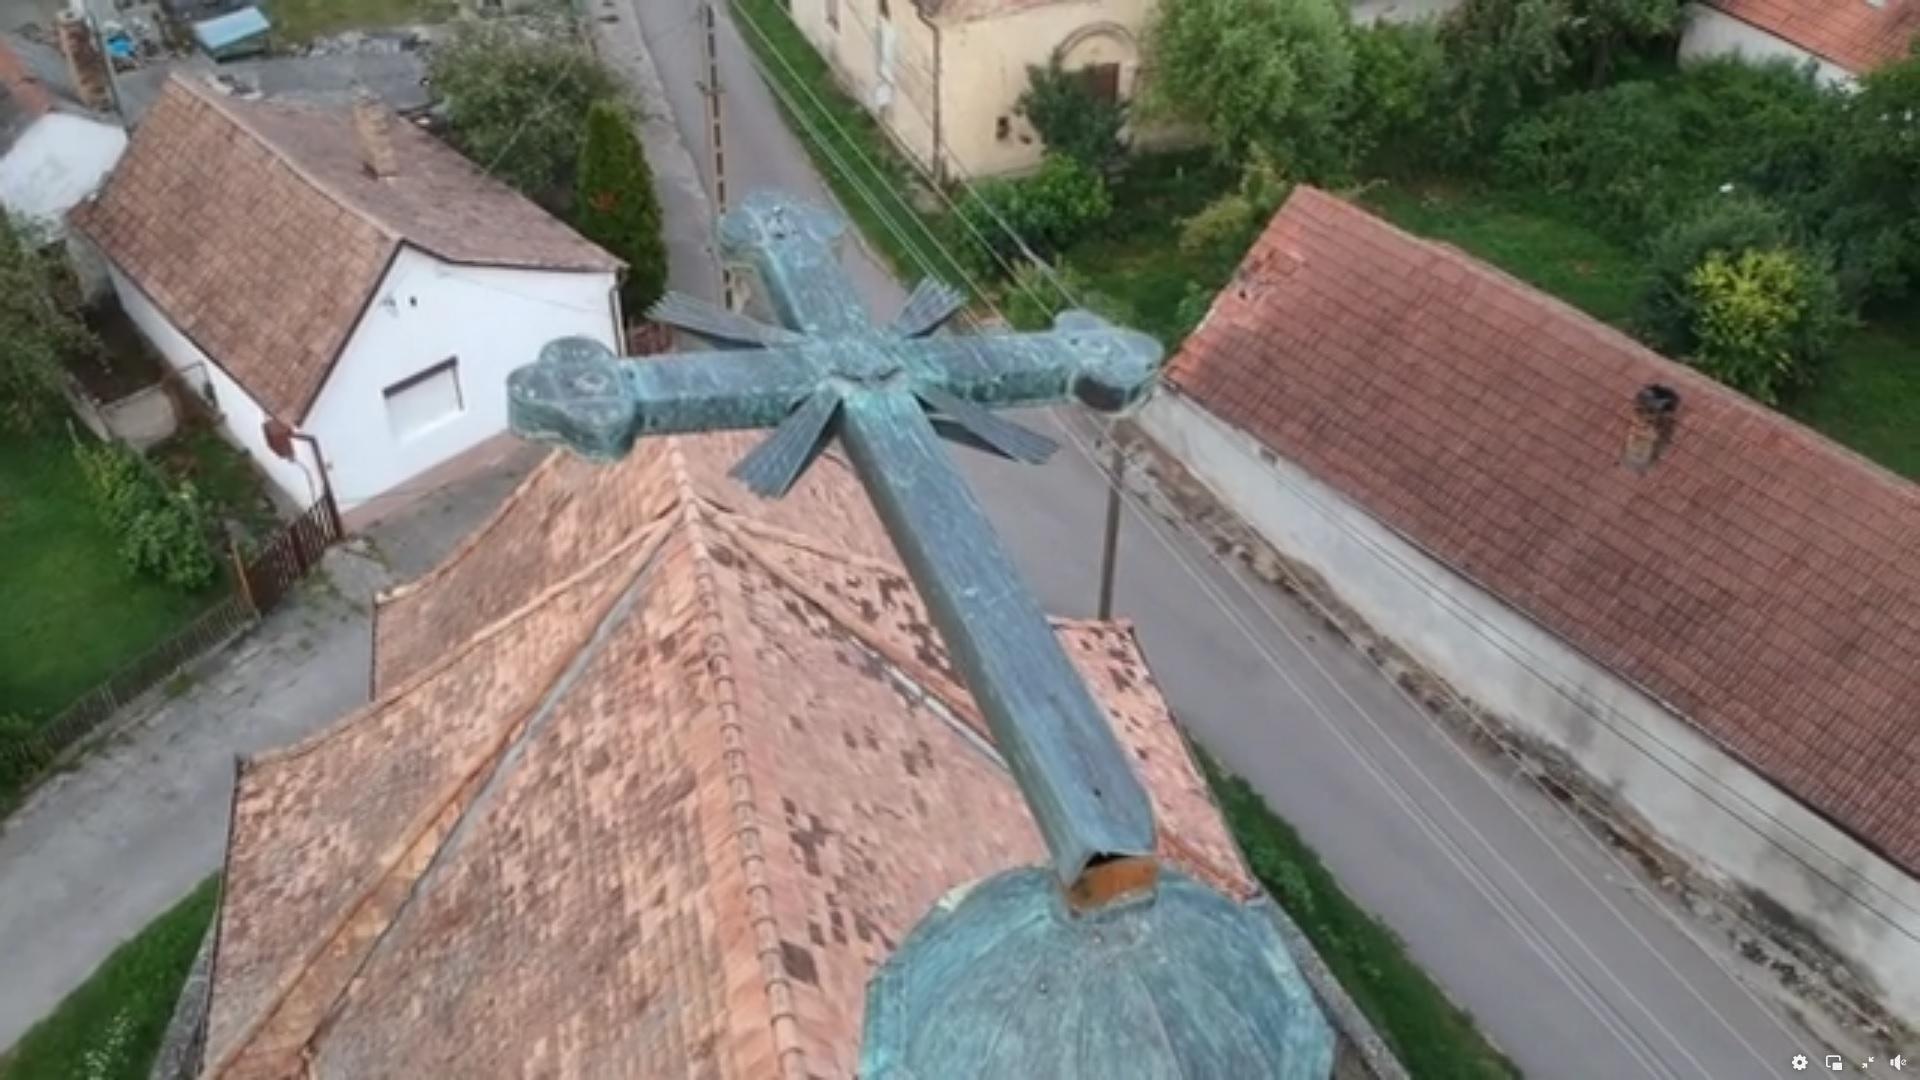 Letört a viharban a templom keresztje